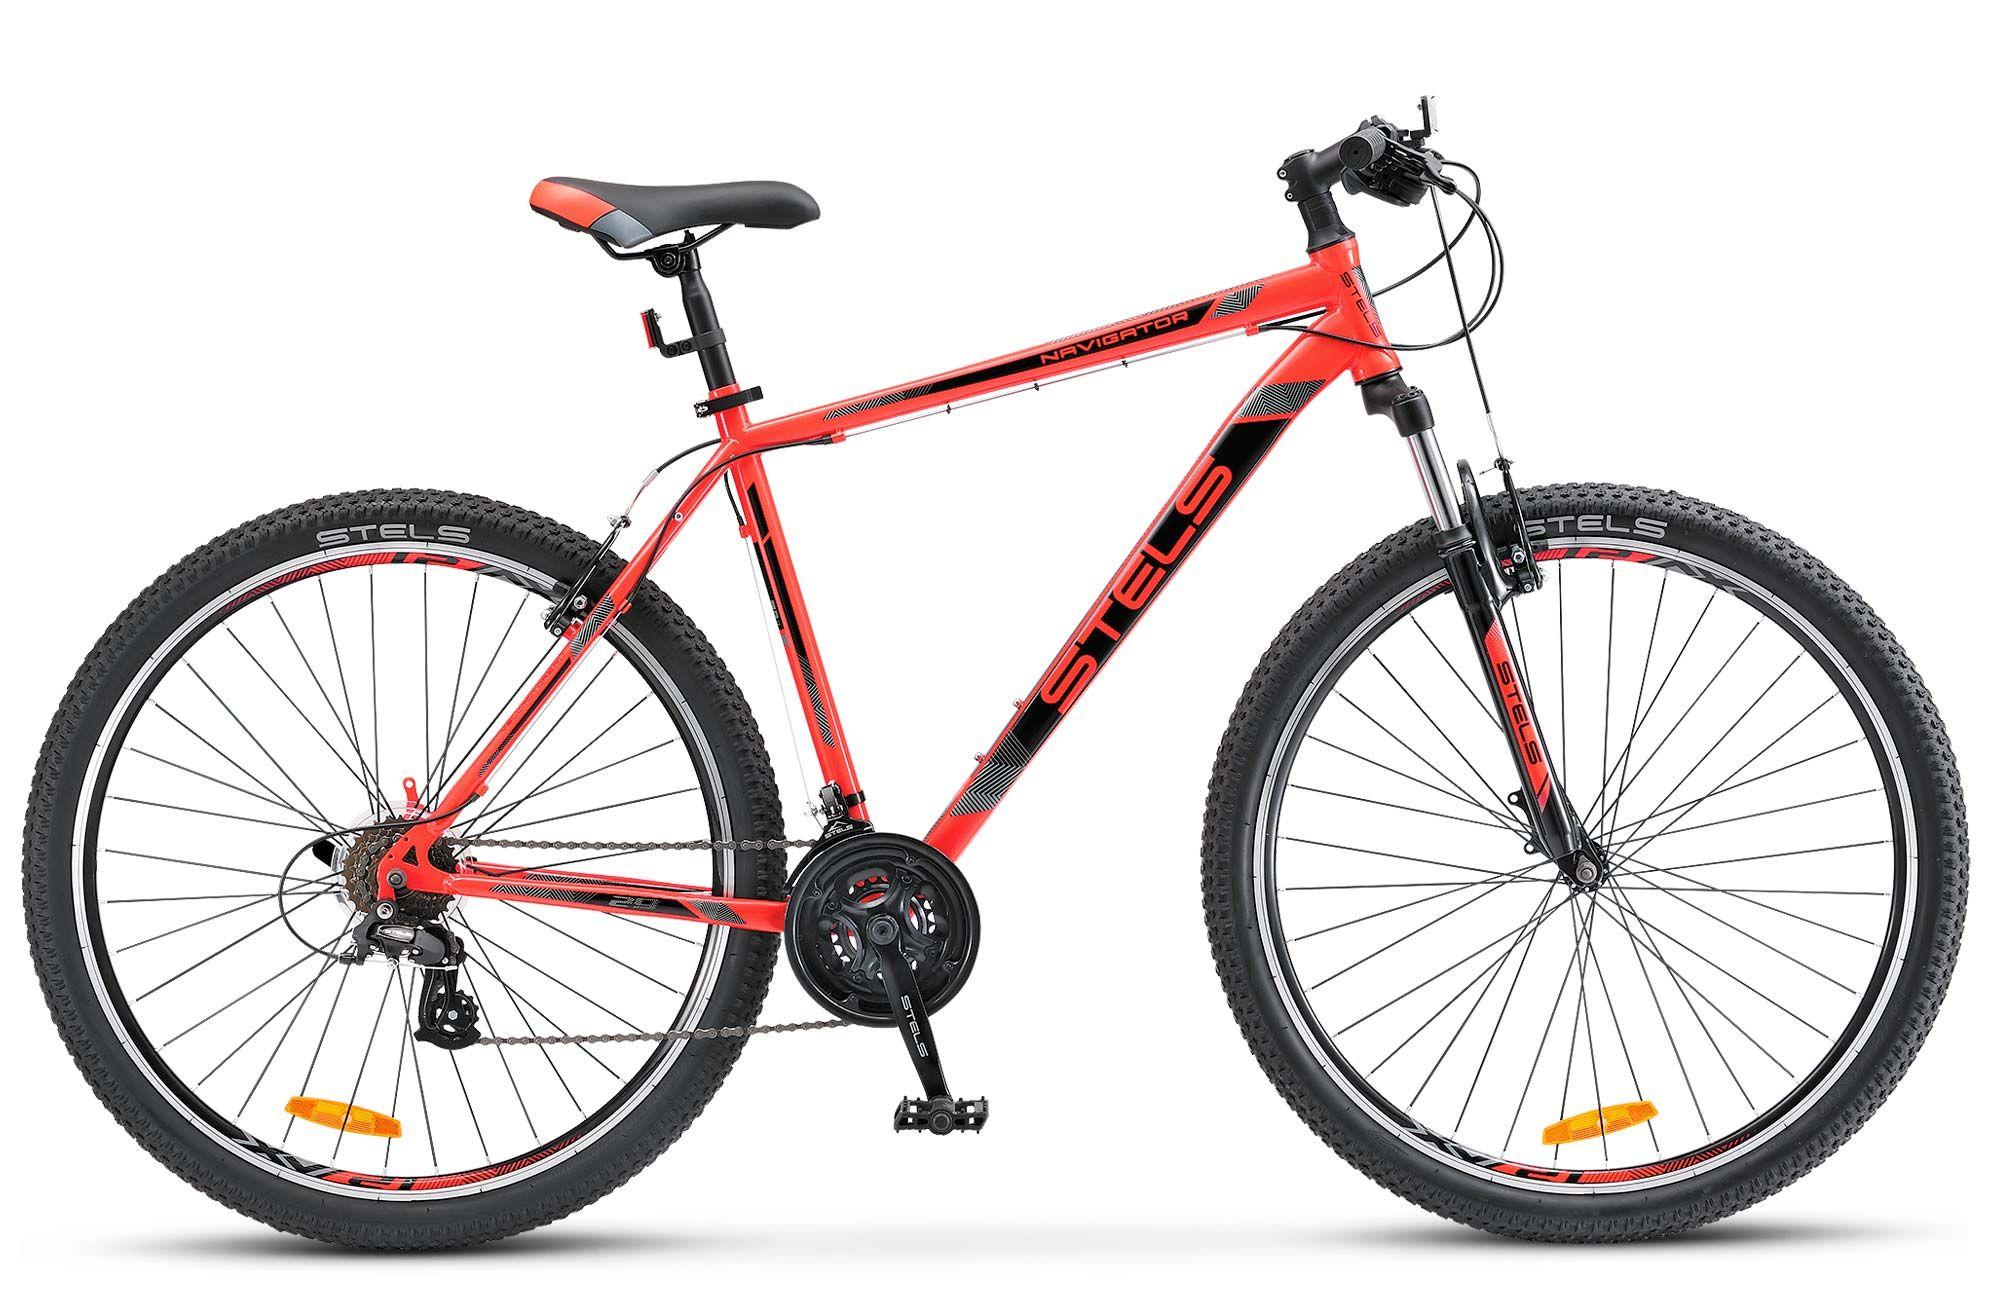 Ремонт велосипеда стелс навигатор 800 своими руками 50